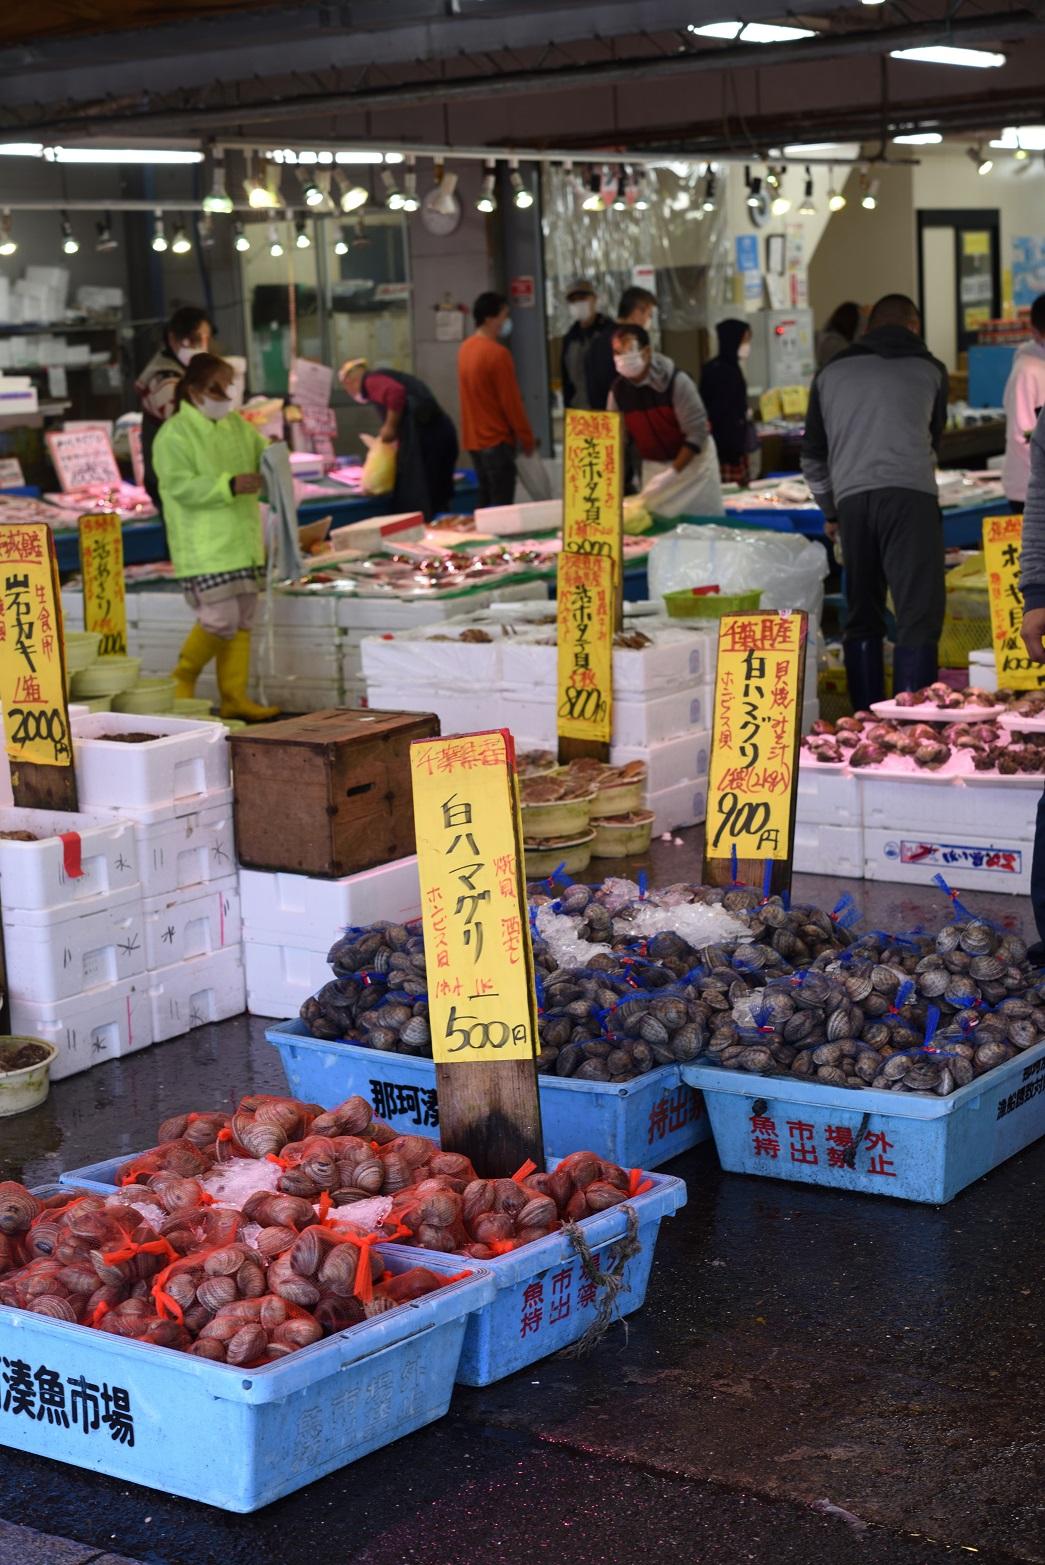 那珂湊 市場寿司 市場